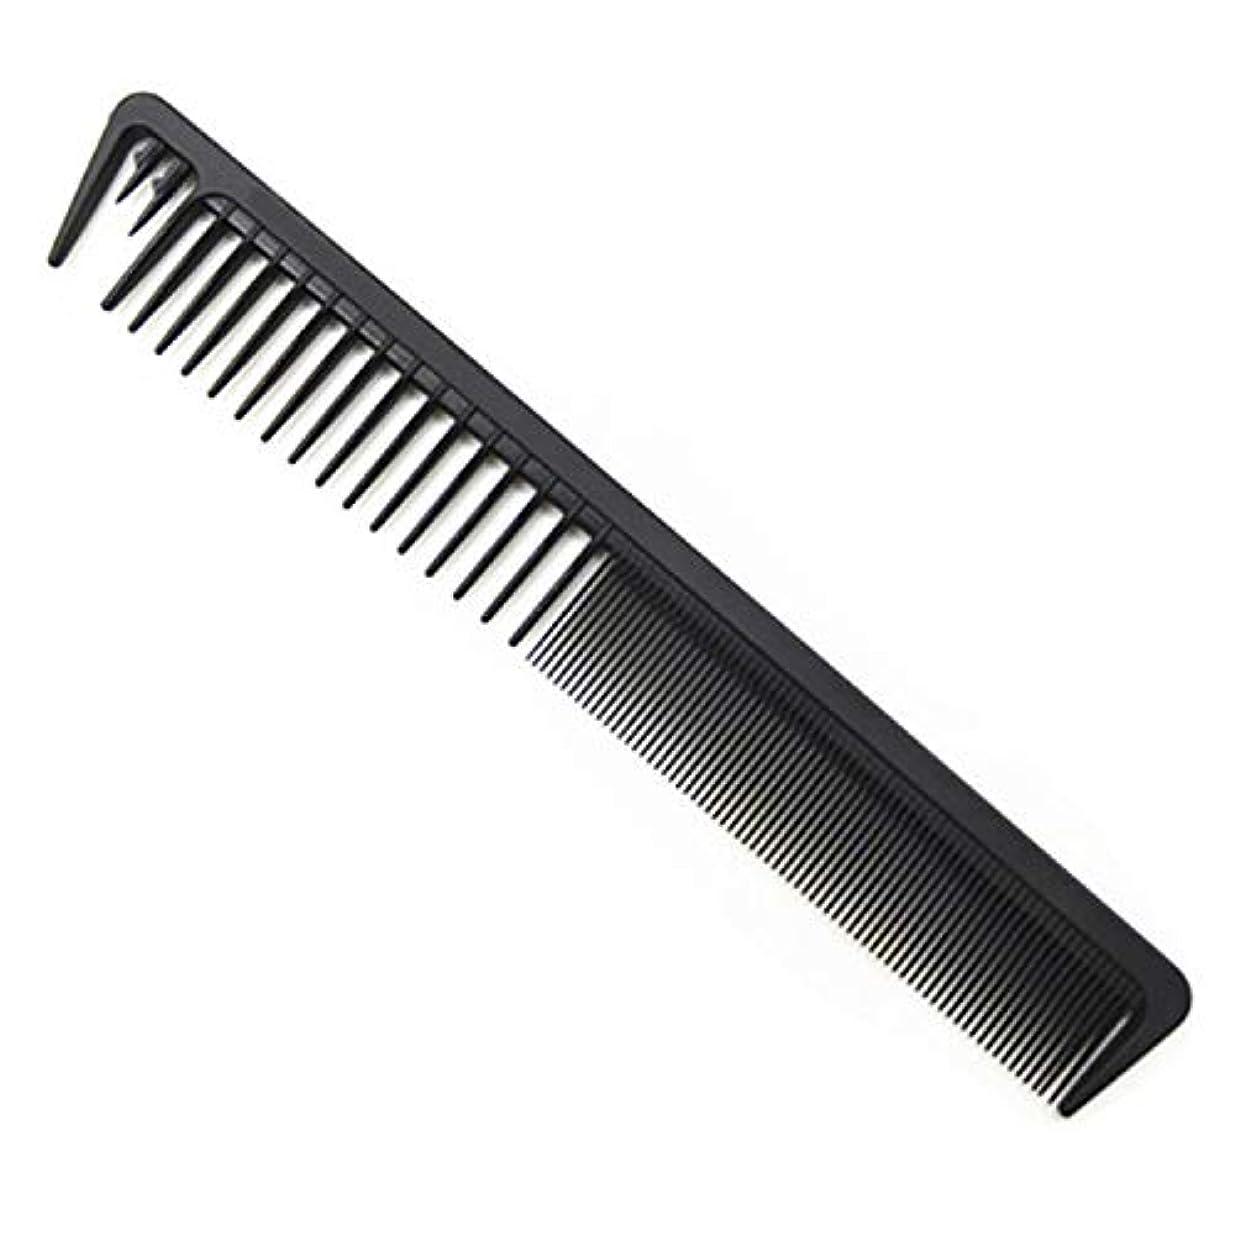 外部重要性調停するカットコーム 櫛 おやれなヘアくし 美容師用 ヘアケア 静電気防止 プロ用カットコーム ウェット ドライ兼用